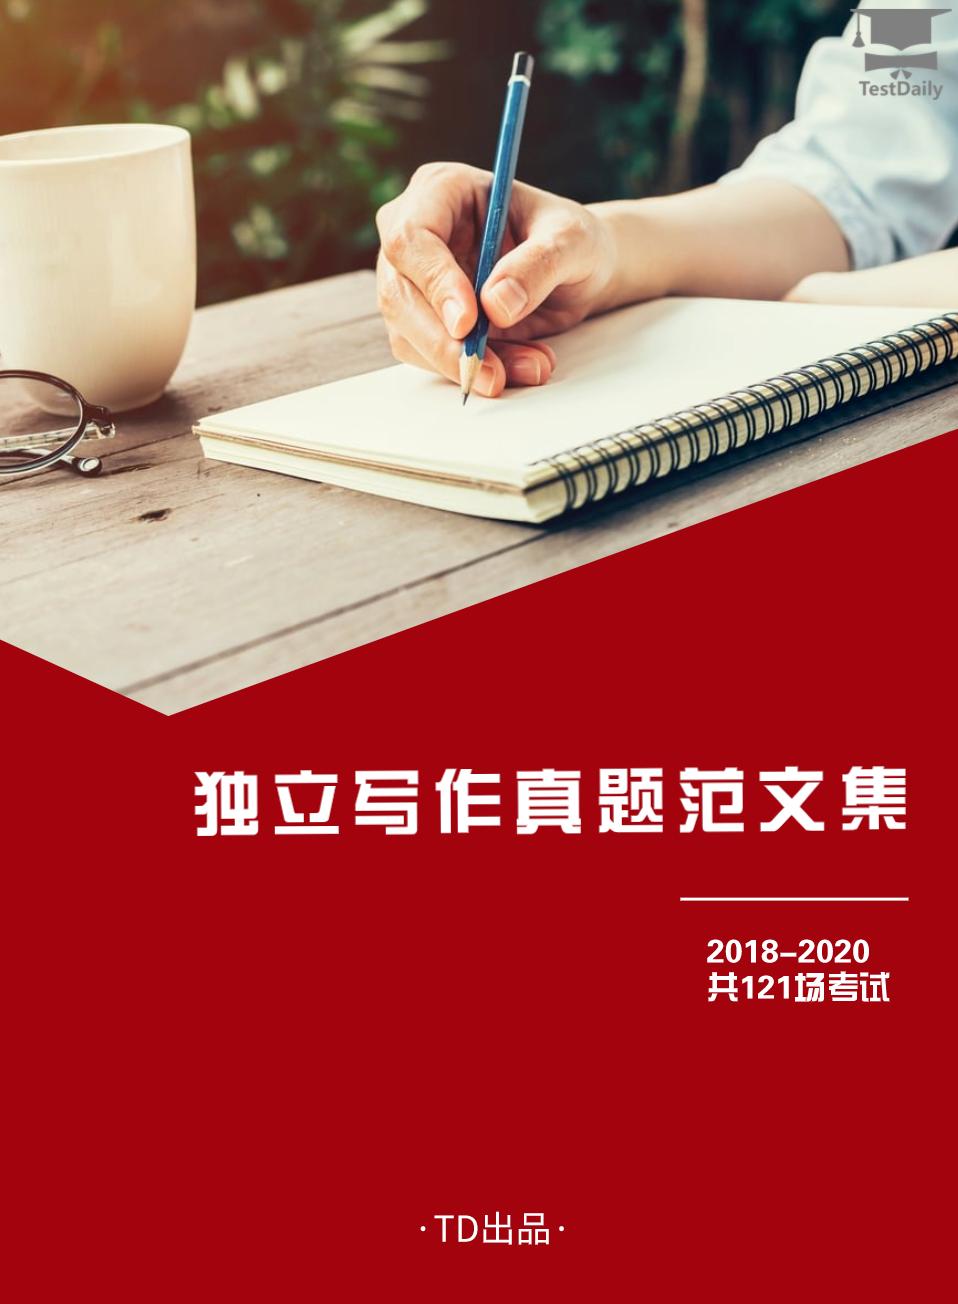 2018-2020年121篇托福独立写作真题范文合集免费下载-托福写作真题+高分范文汇总资料免费下载